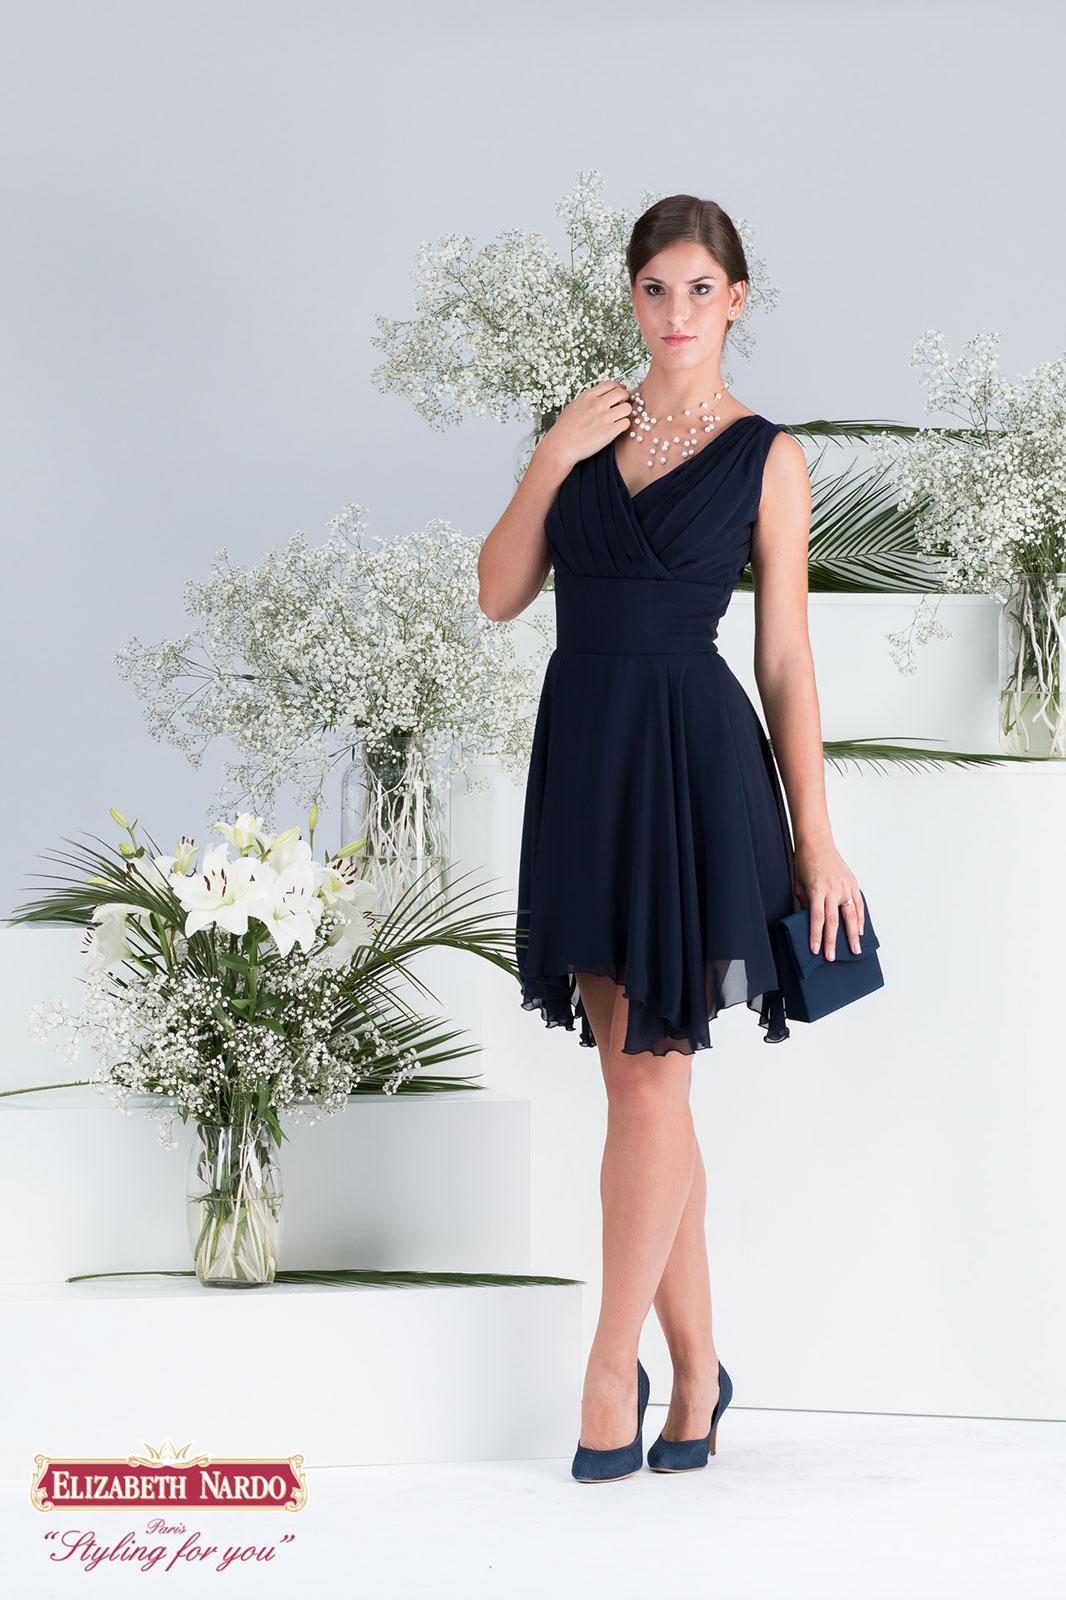 0db4799605 Koktélruhák - Koktélruha 18-206 - Menyasszonyi ruhák, Alkalmi ruhák ...